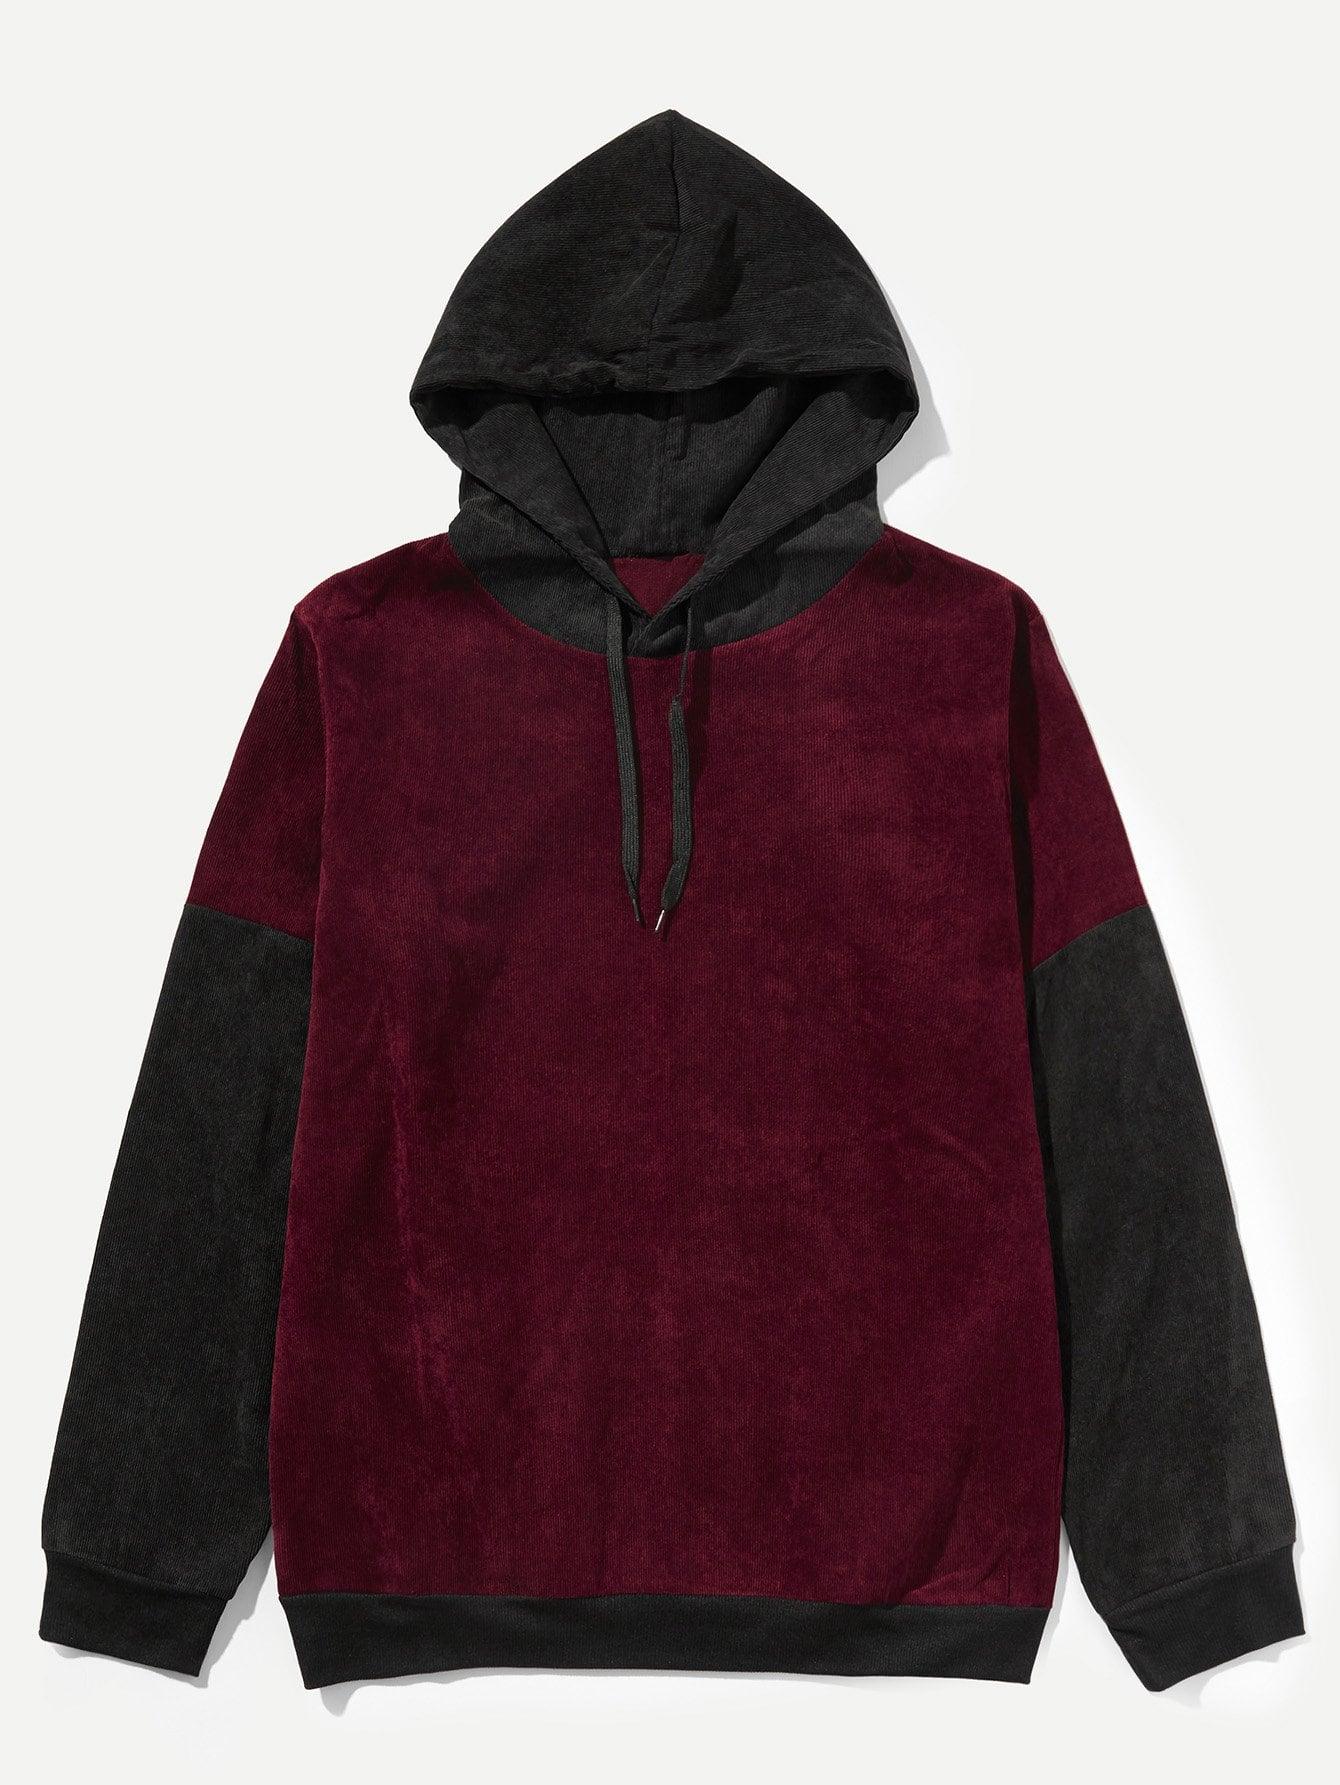 Men Contrast Sleeve Hooded Sweatshirt Men Contrast Sleeve Hooded Sweatshirt